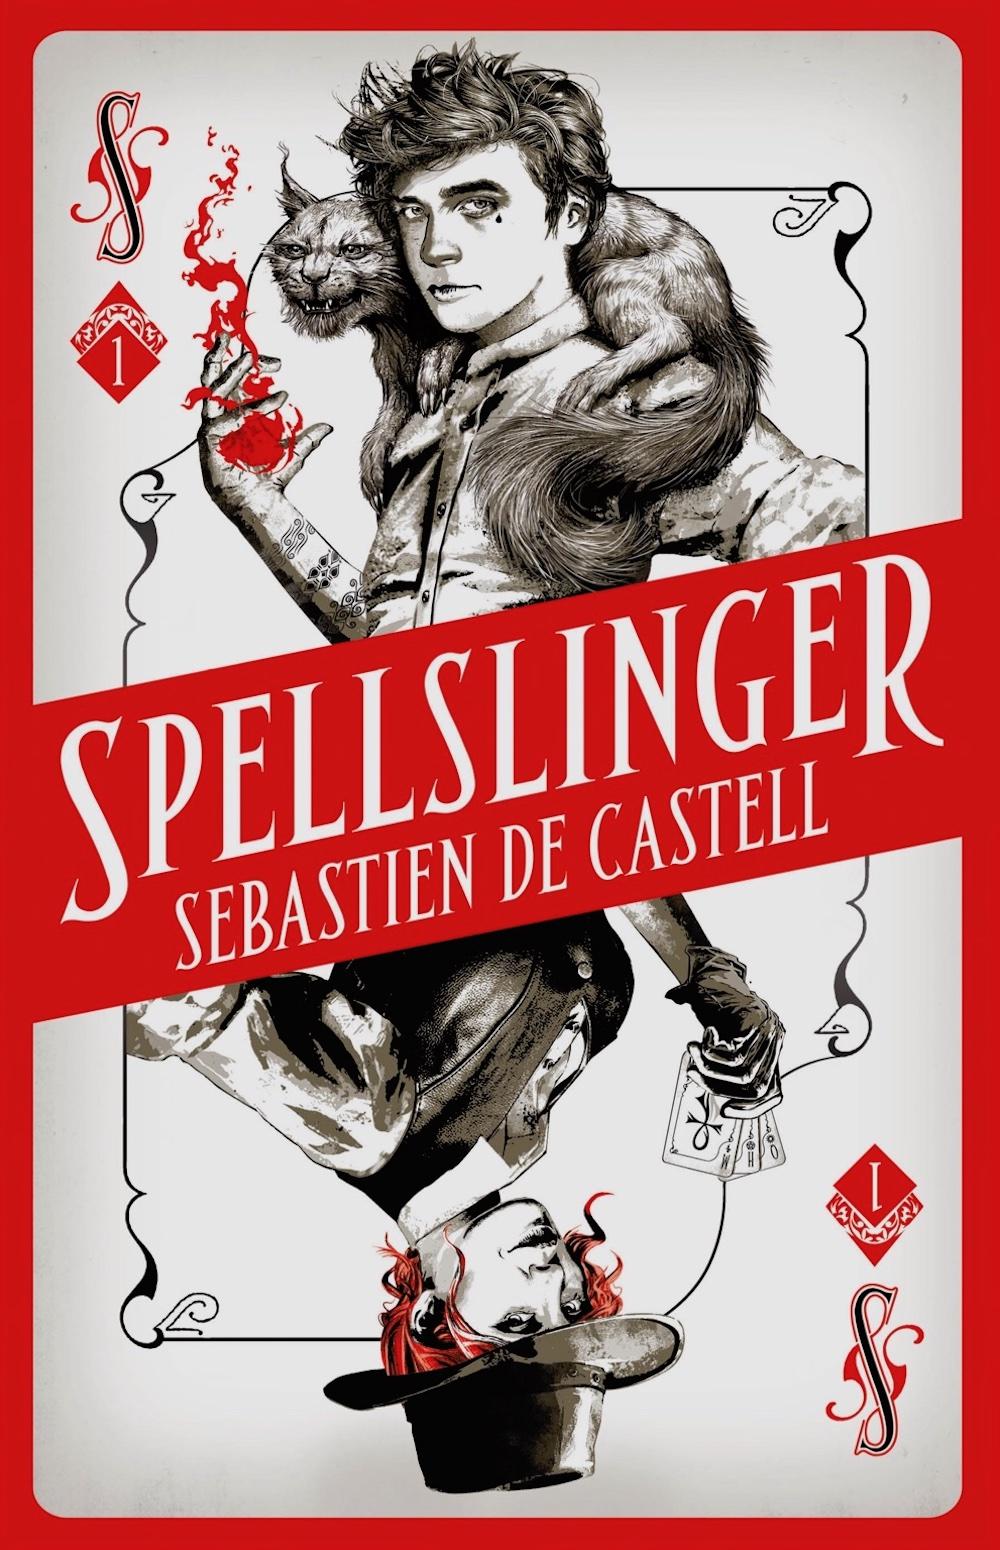 Spellslinger (Series) | Spellslinger Wiki | Fandom